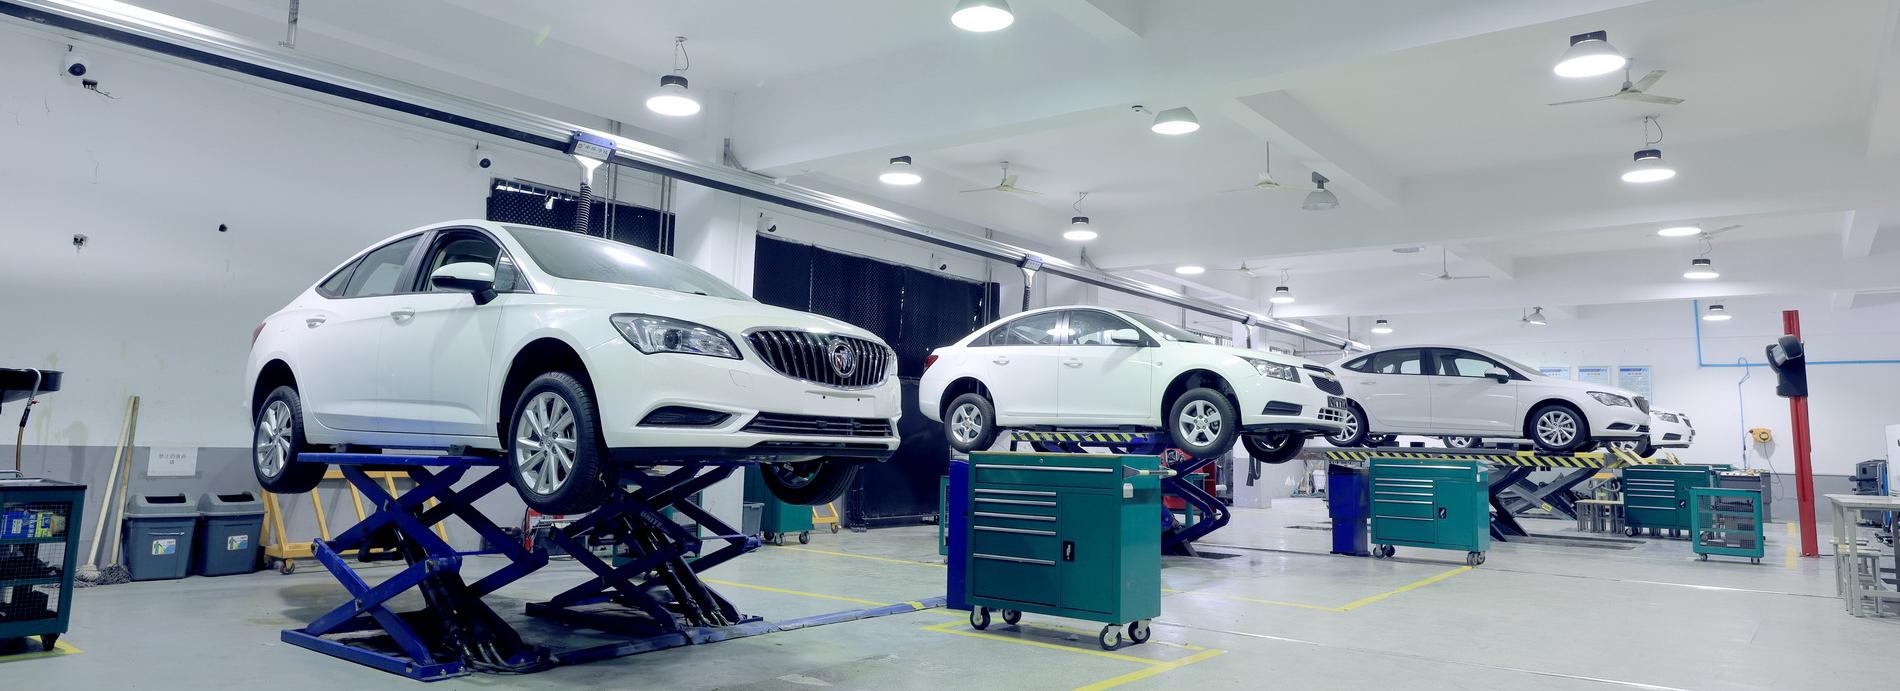 汽车工程学院实训基地一览